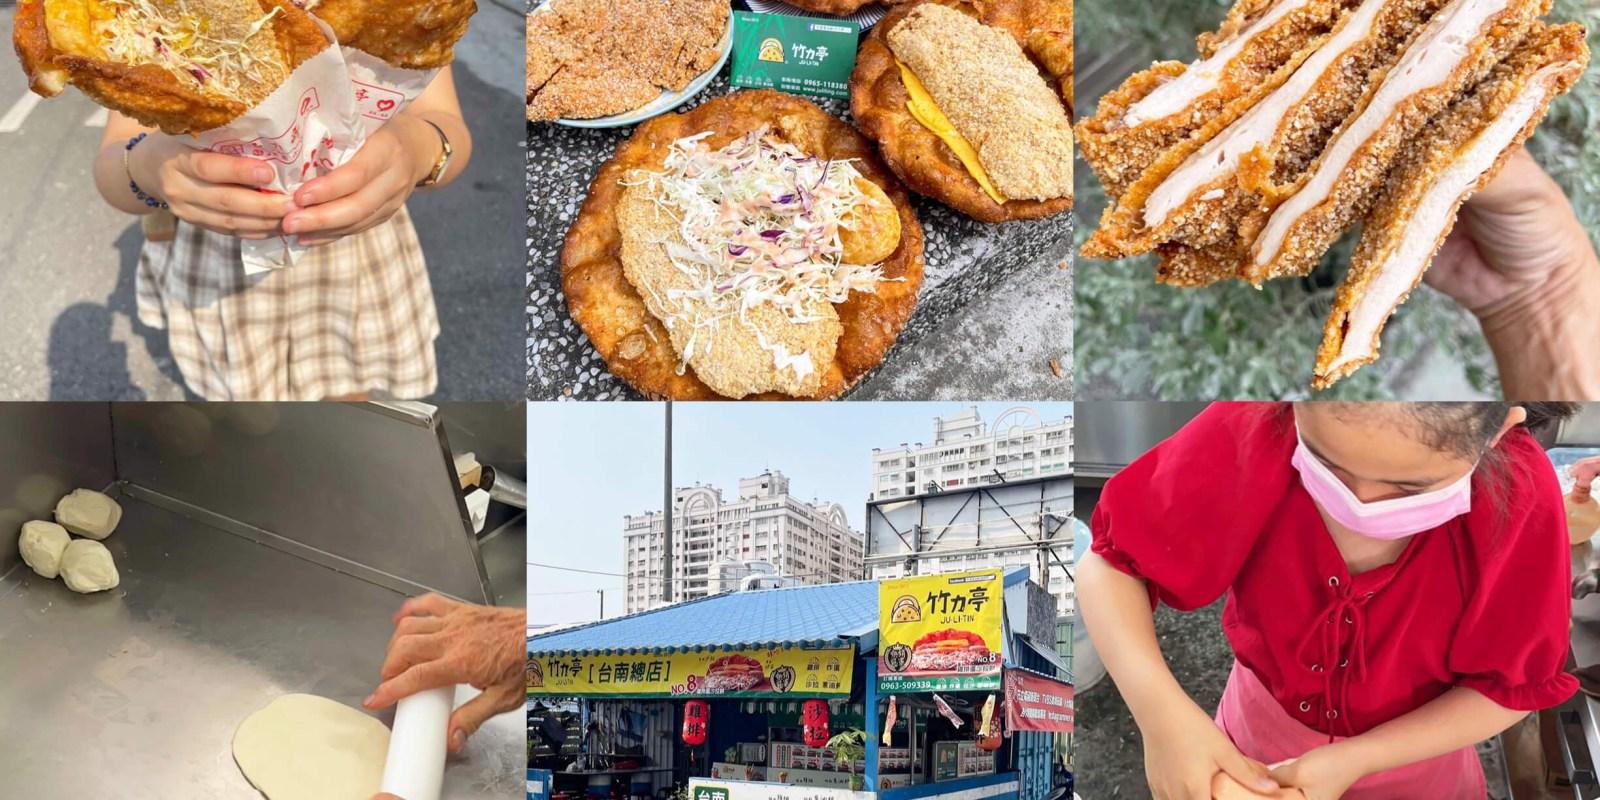 [台南美食] 竹力亭-炸彈蔥油餅 - 大口咬下!必吃的超爆漿雞排沙拉餅